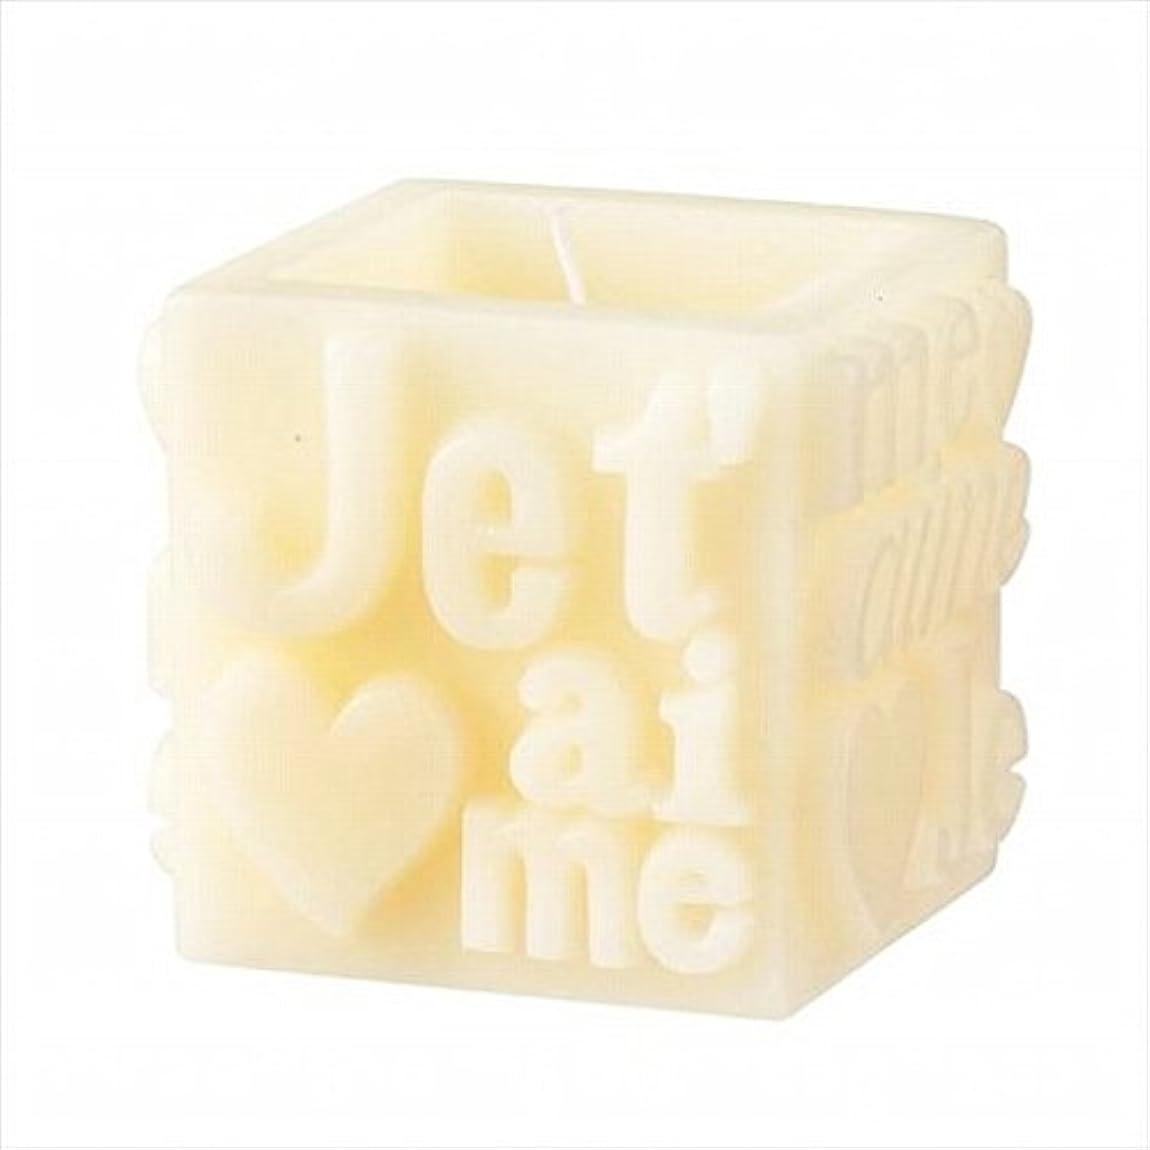 ブラウズ賞賛する安心させるkameyama candle(カメヤマキャンドル) ジュテーム 「 アイボリー 」(A6720500IV)